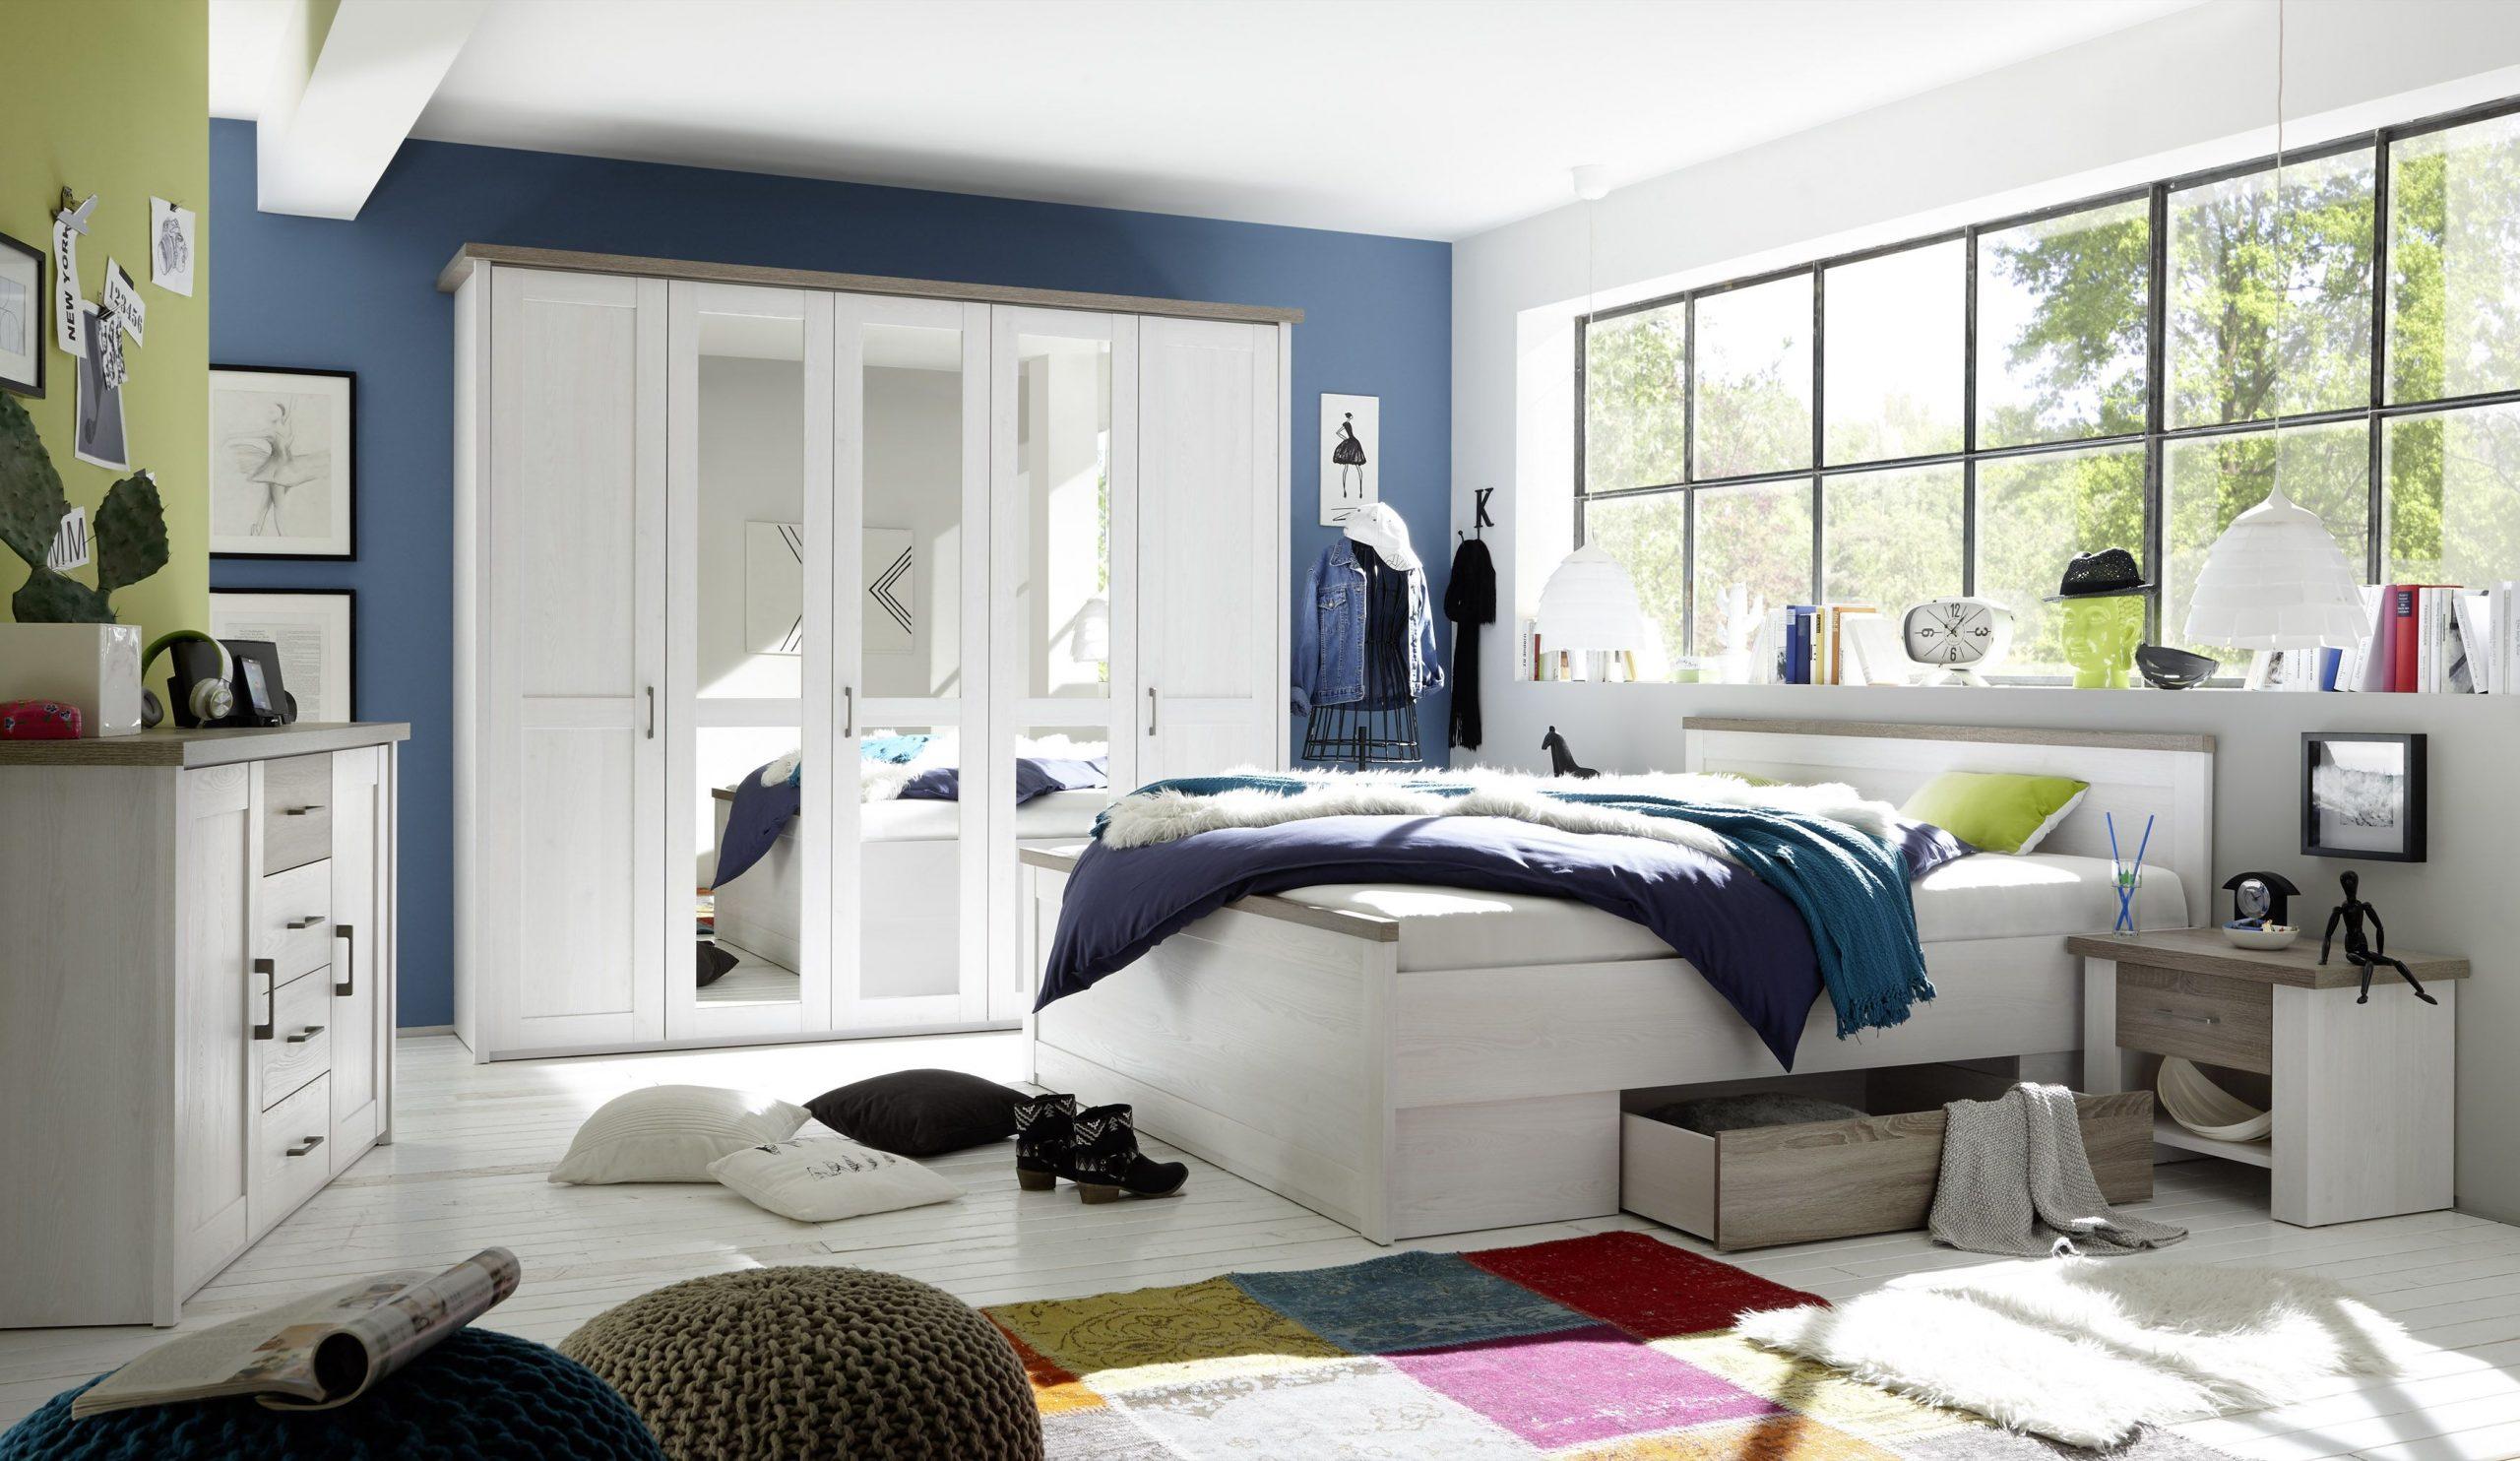 Full Size of Suche Gnstige Mbel Schlafzimmer Komplett Set 5 Tlg Luca Bett Günstig Deckenleuchte Komplettangebote Mit überbau Landhausstil Weiß Vorhänge Truhe Kommode Schlafzimmer Günstige Schlafzimmer